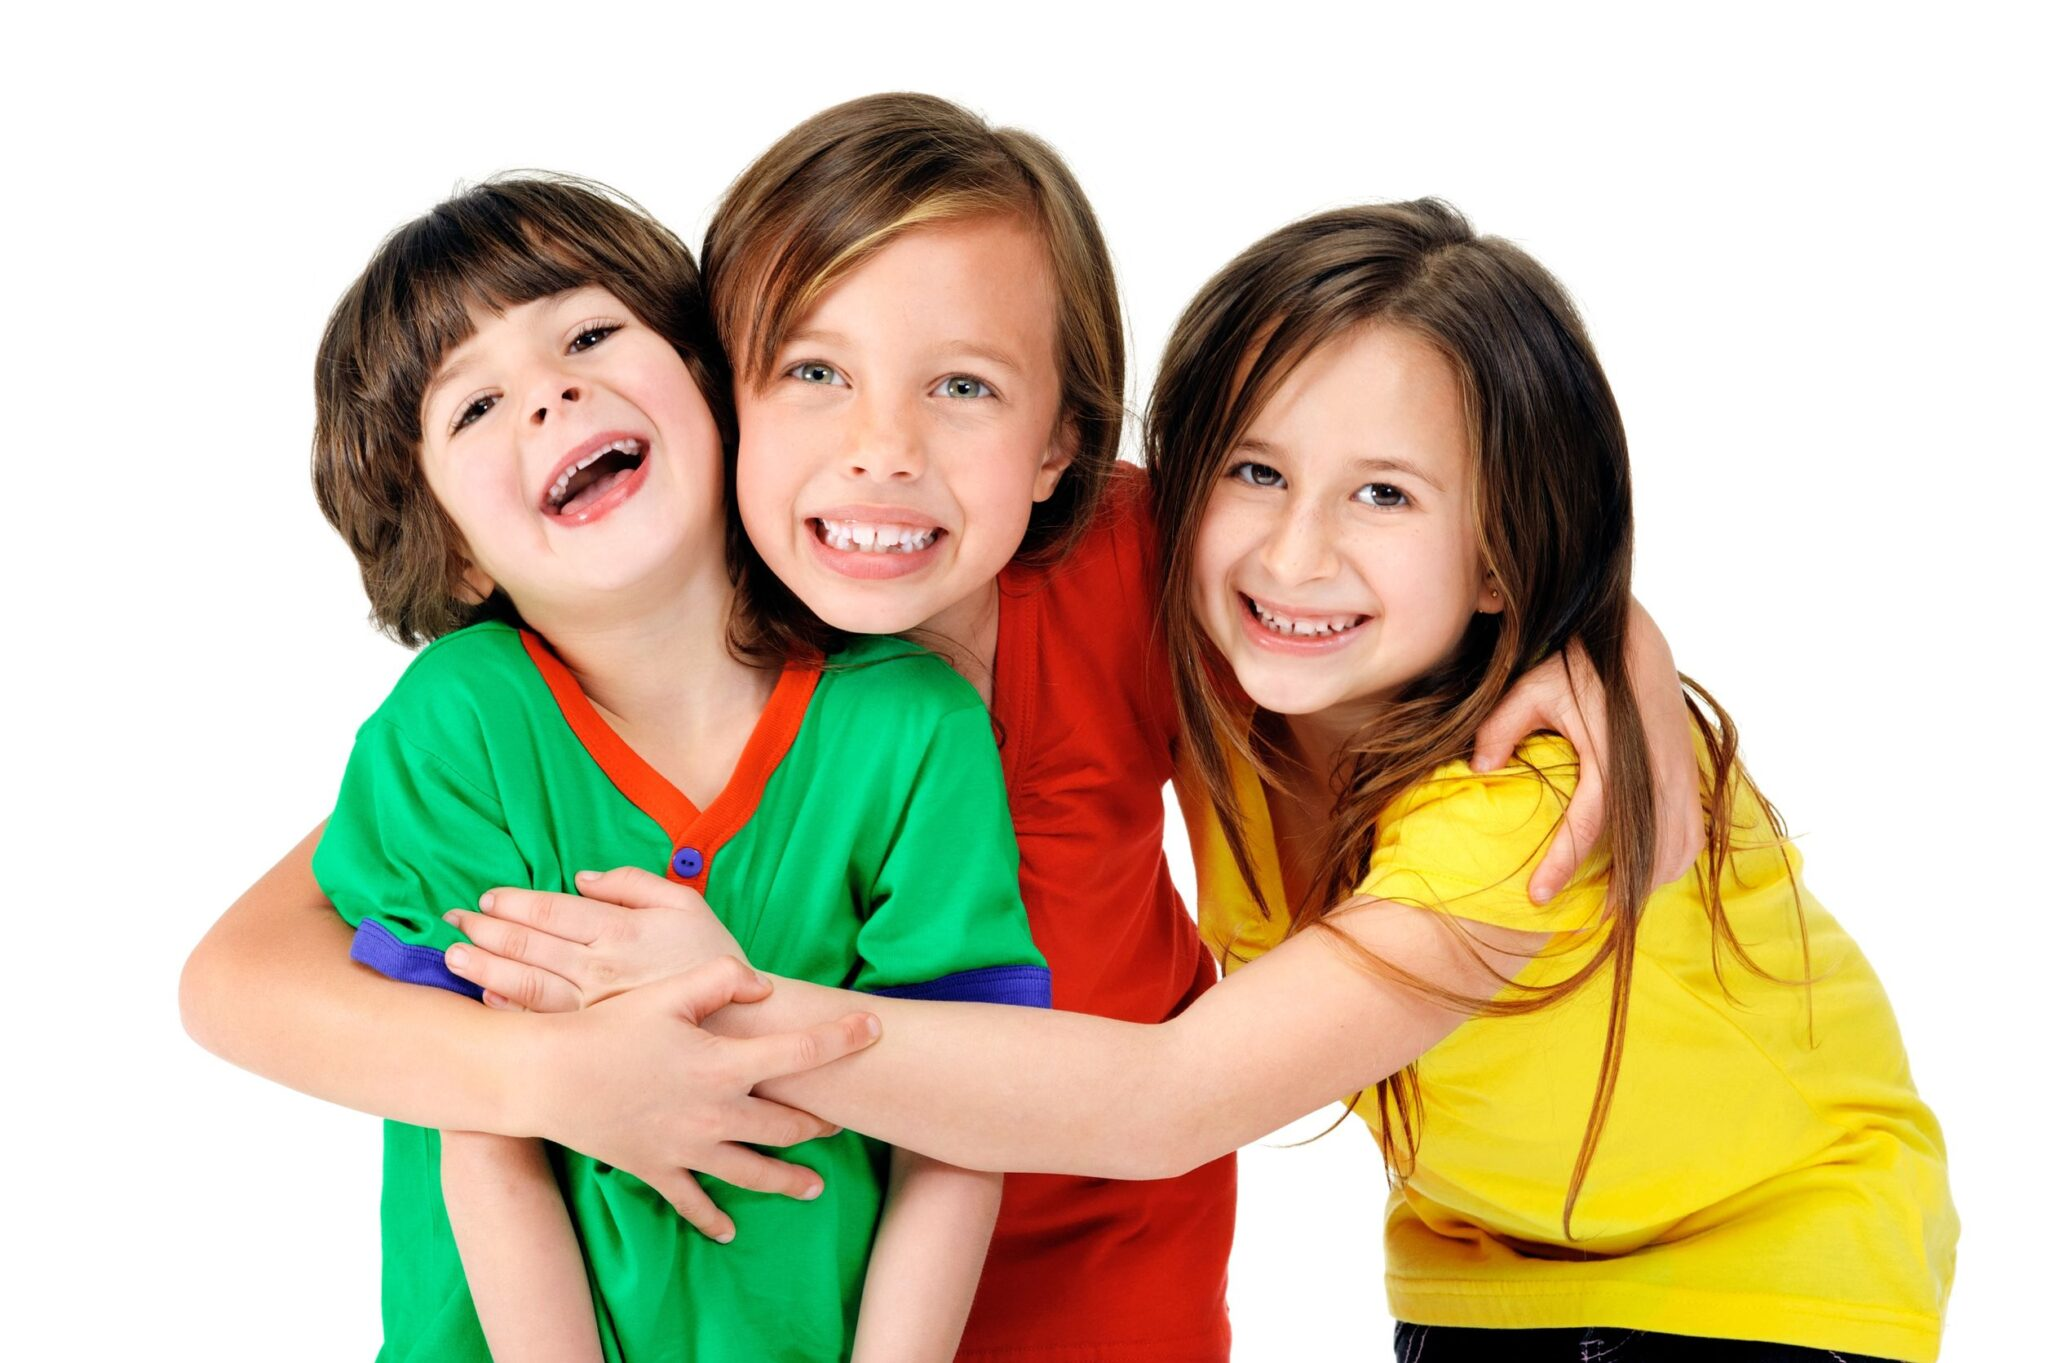 3 happy siblings hugging